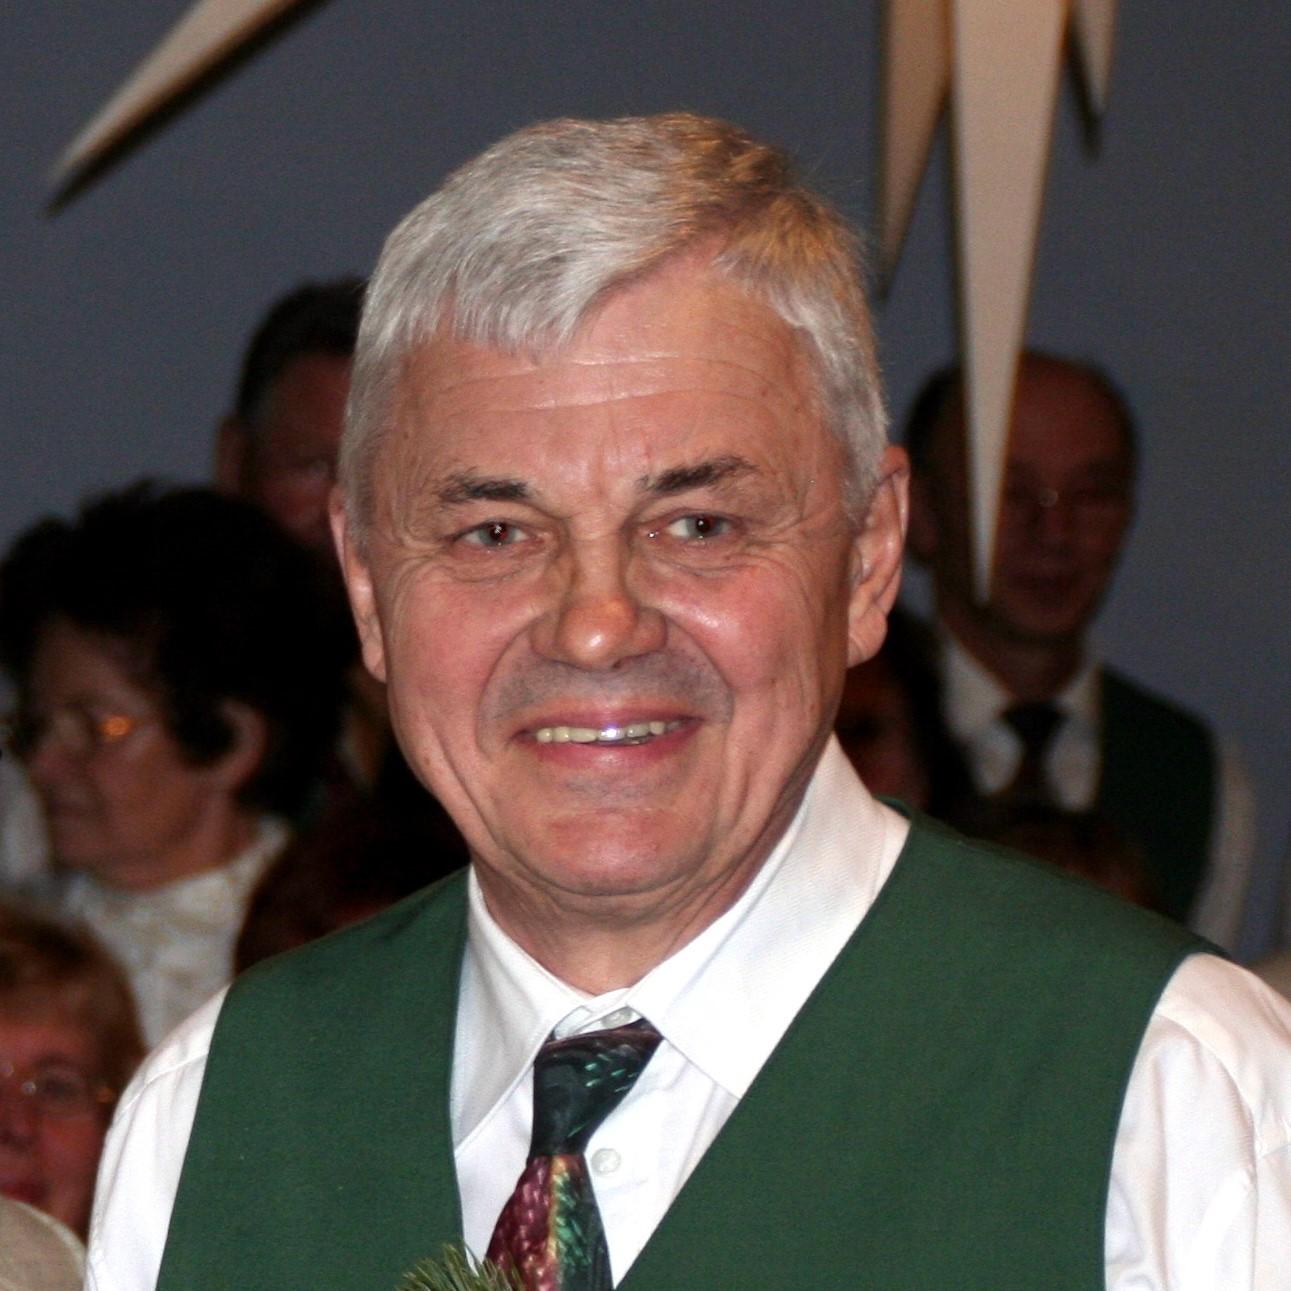 Claus Gutekunst